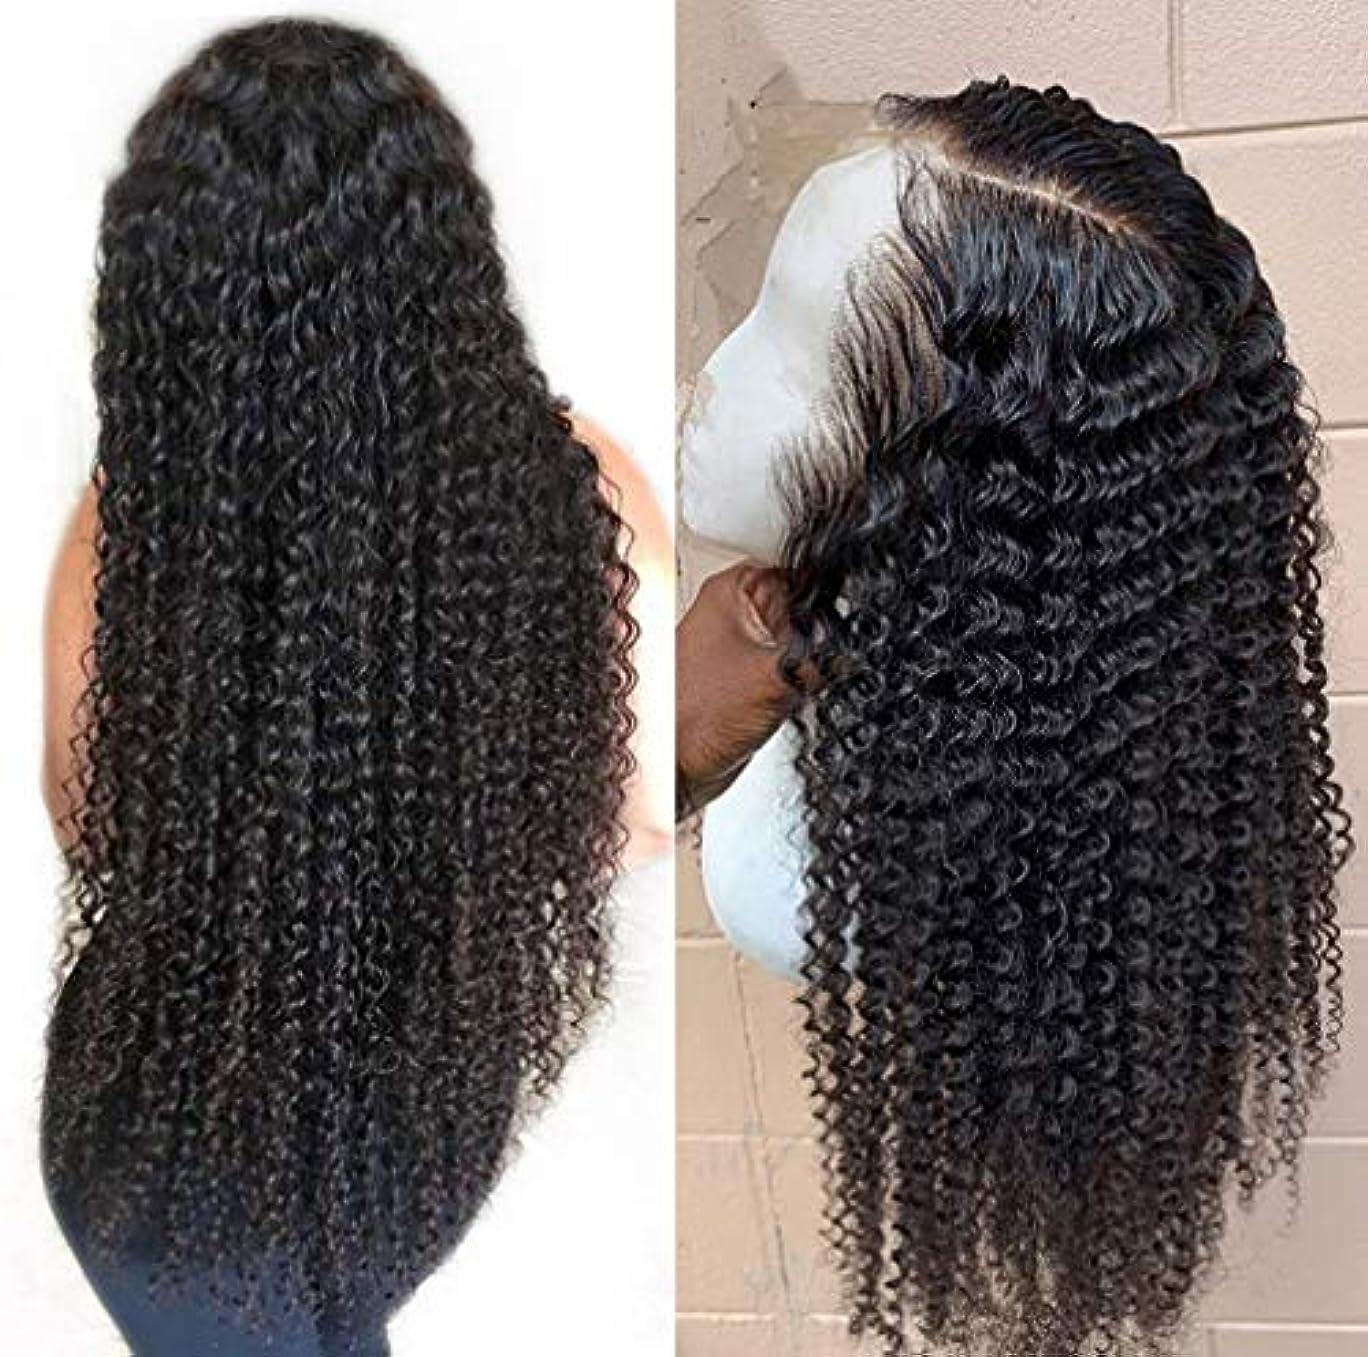 依存する緊張するそれぞれ女性13 * 6レースフロントかつらブラジル人間の髪水波ペルーバージン人間の髪調節可能なかつらベビーヘア